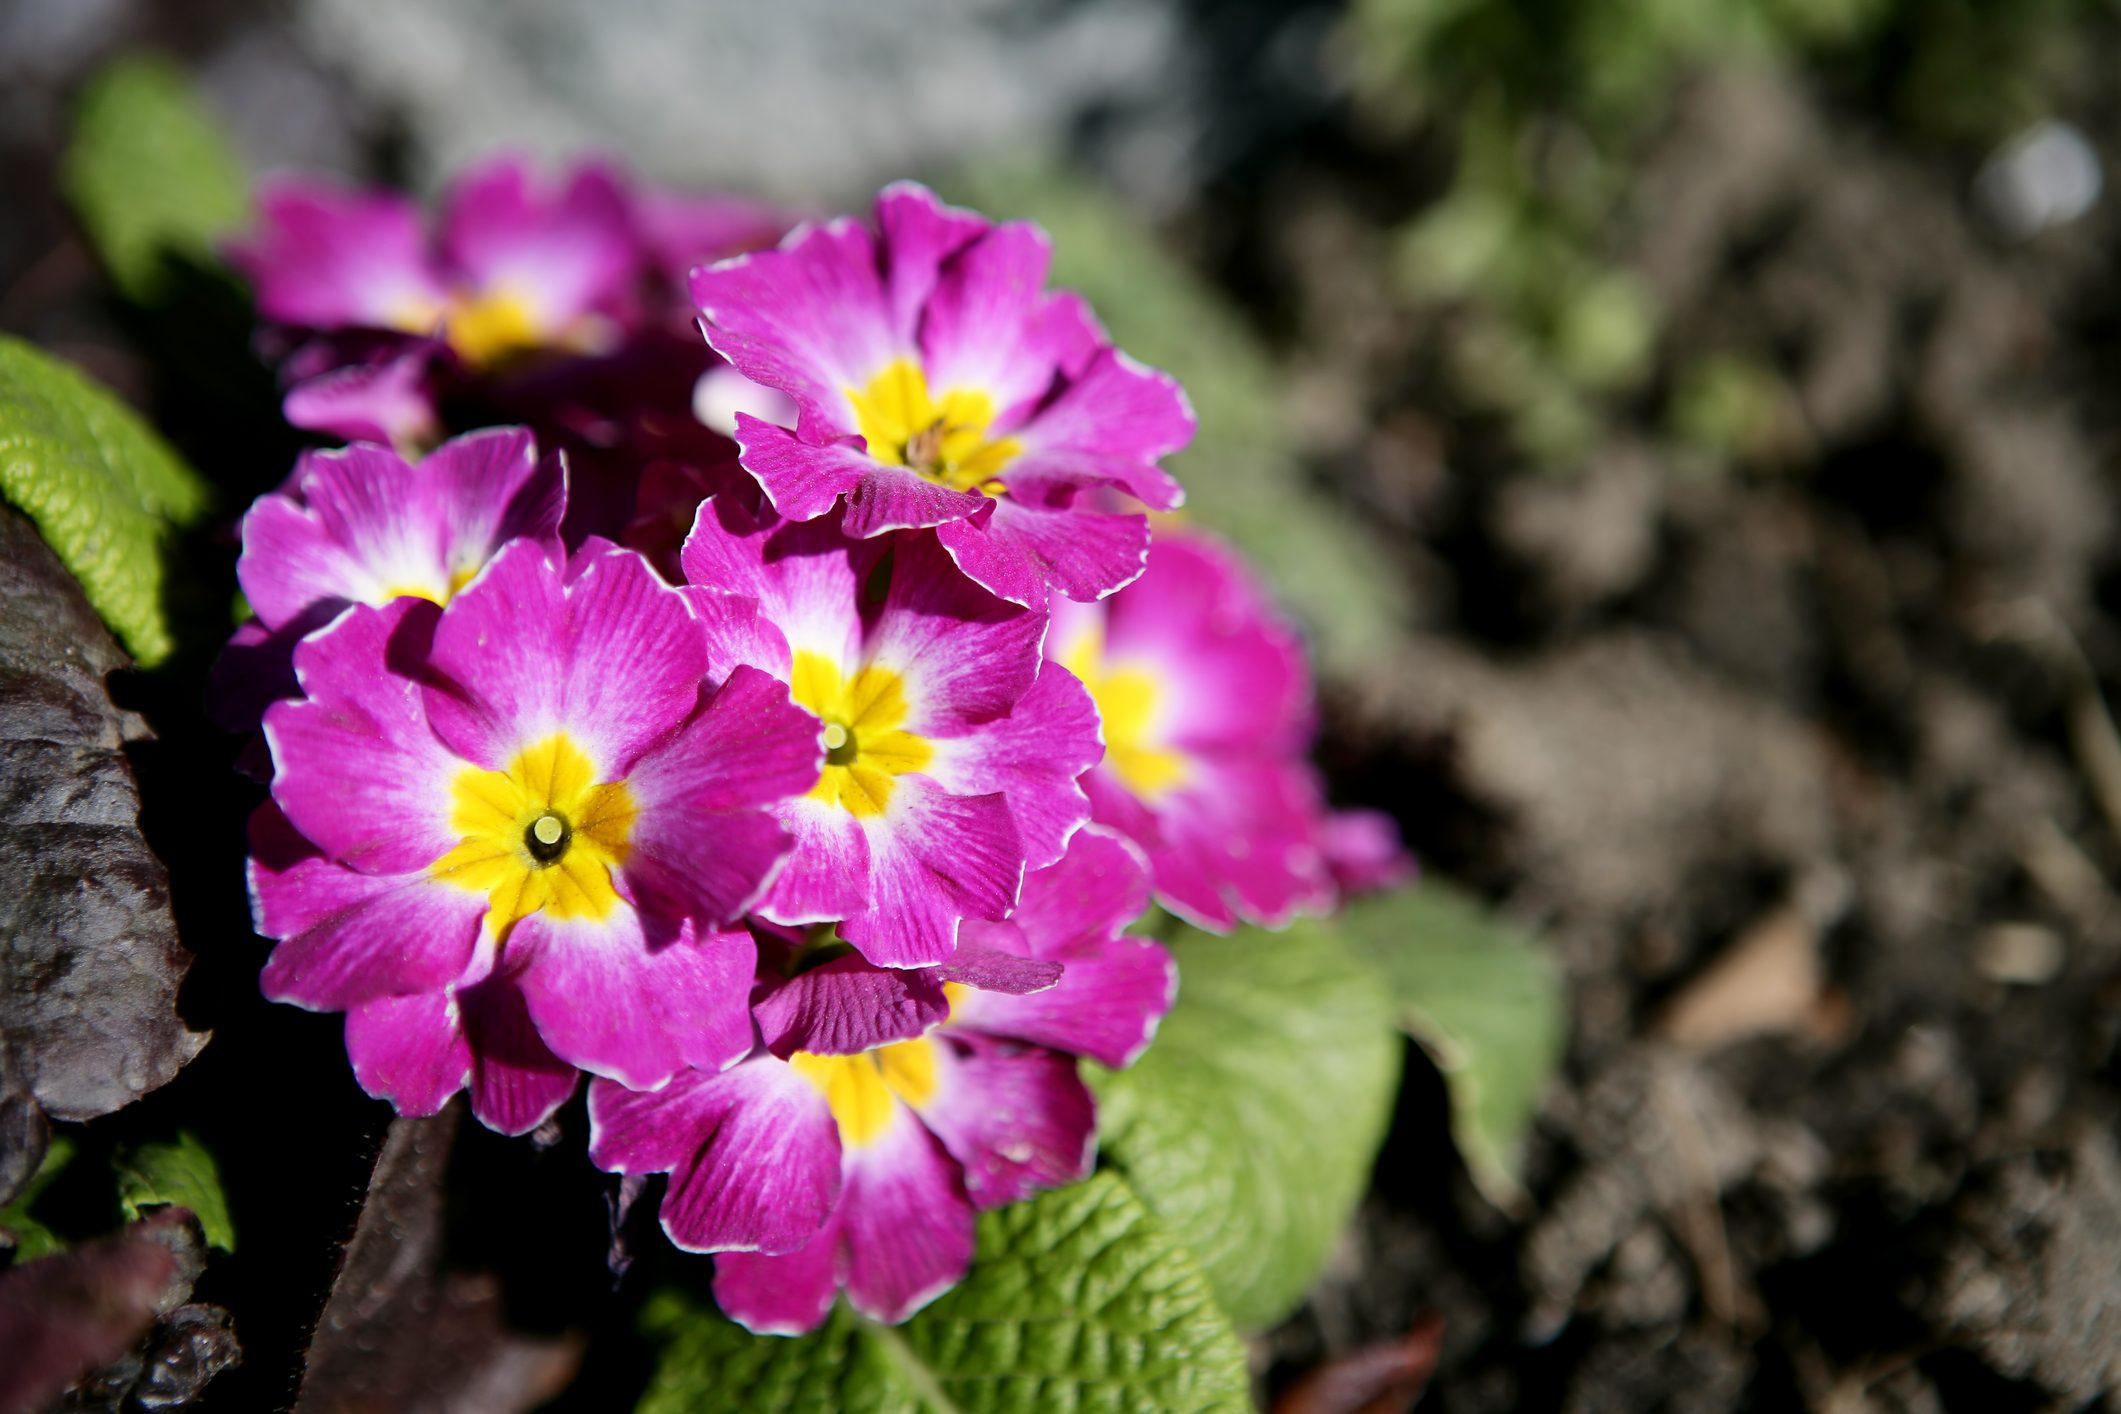 Piante Che Fioriscono Tutta Estate la primula, il fiore che annuncia la primavera e che si